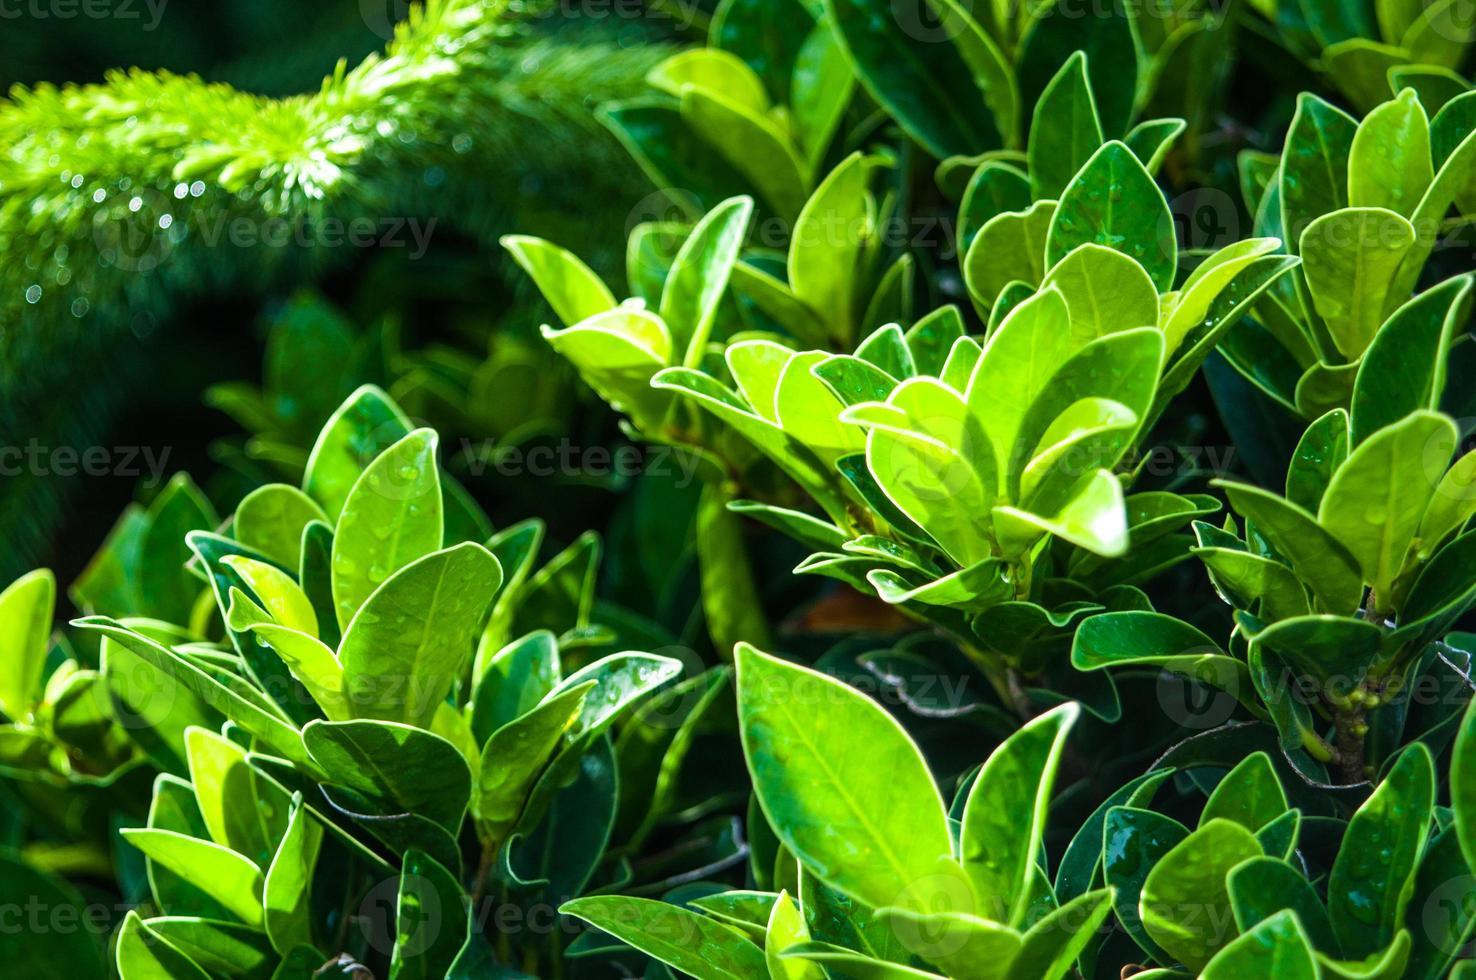 närbild av vackra färska gröna blad foto